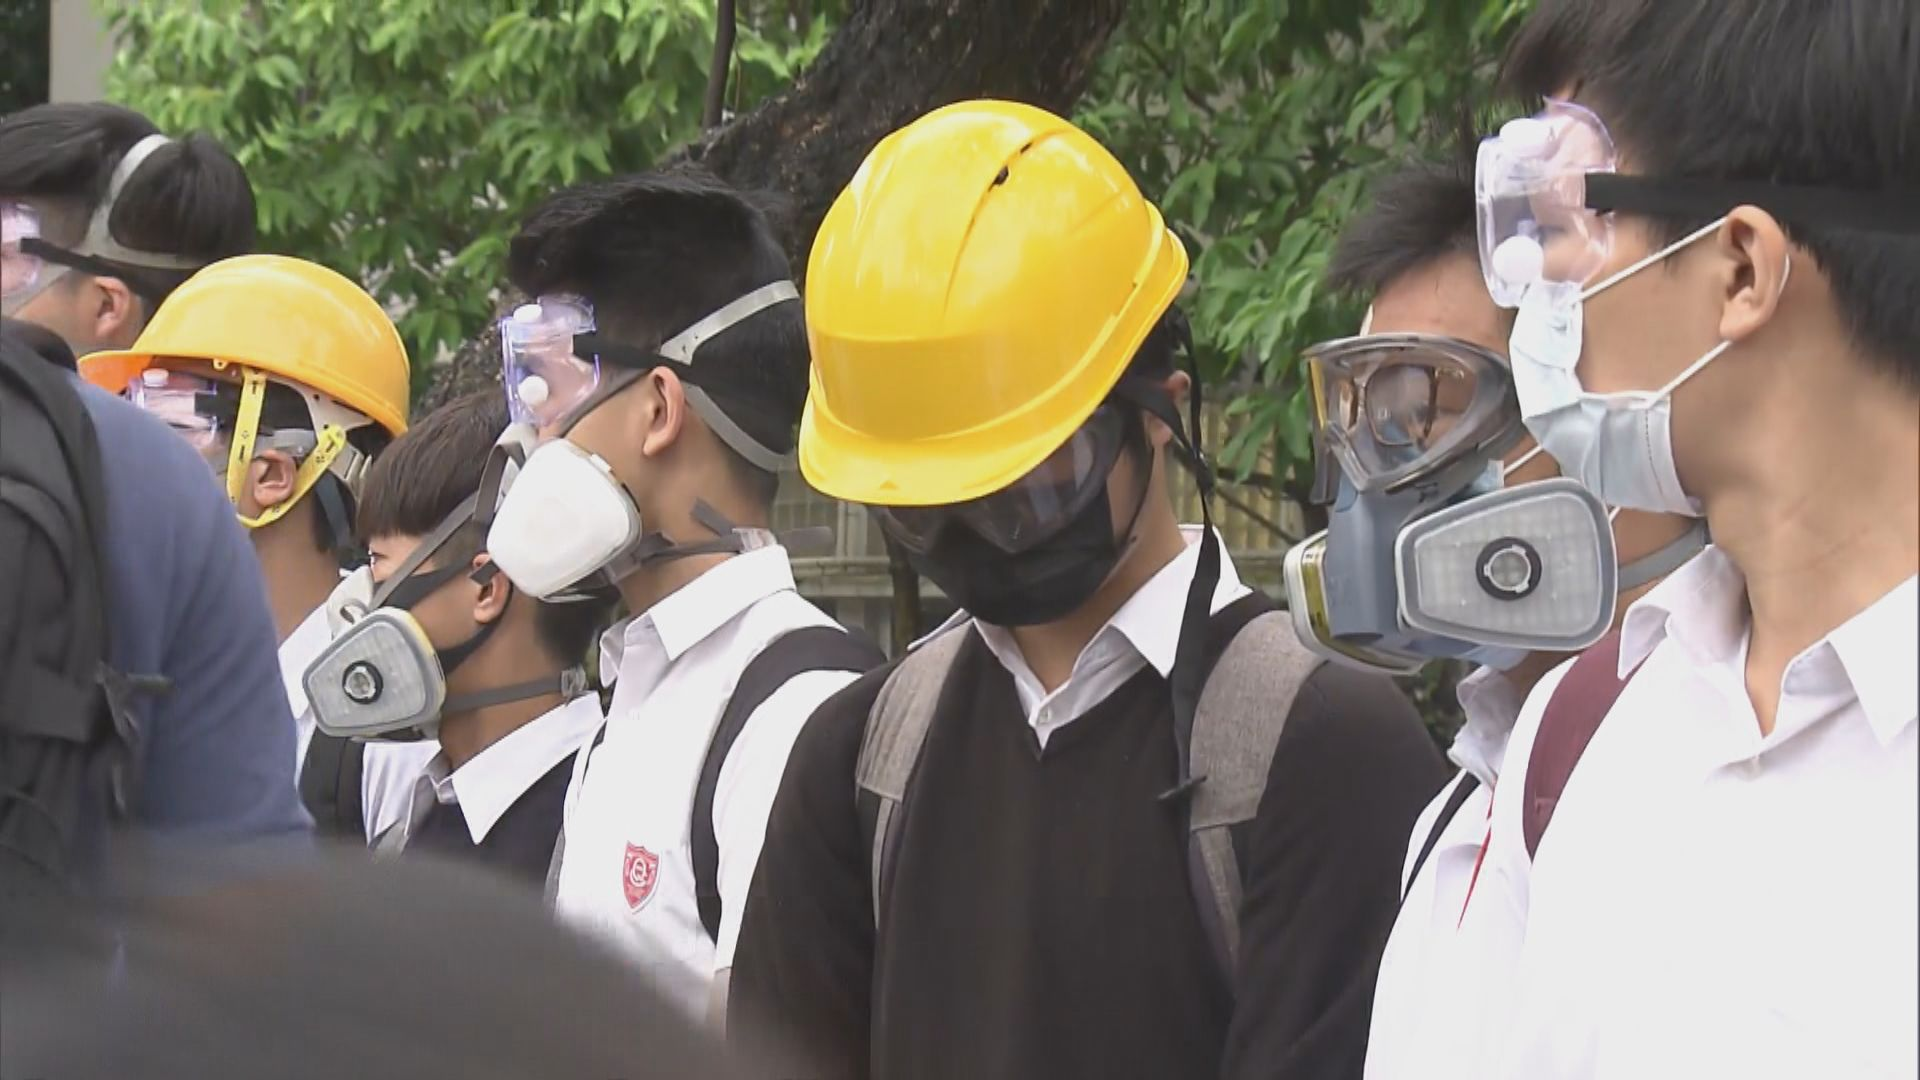 皇仁書院學生在校門外戴上防具支持反修例